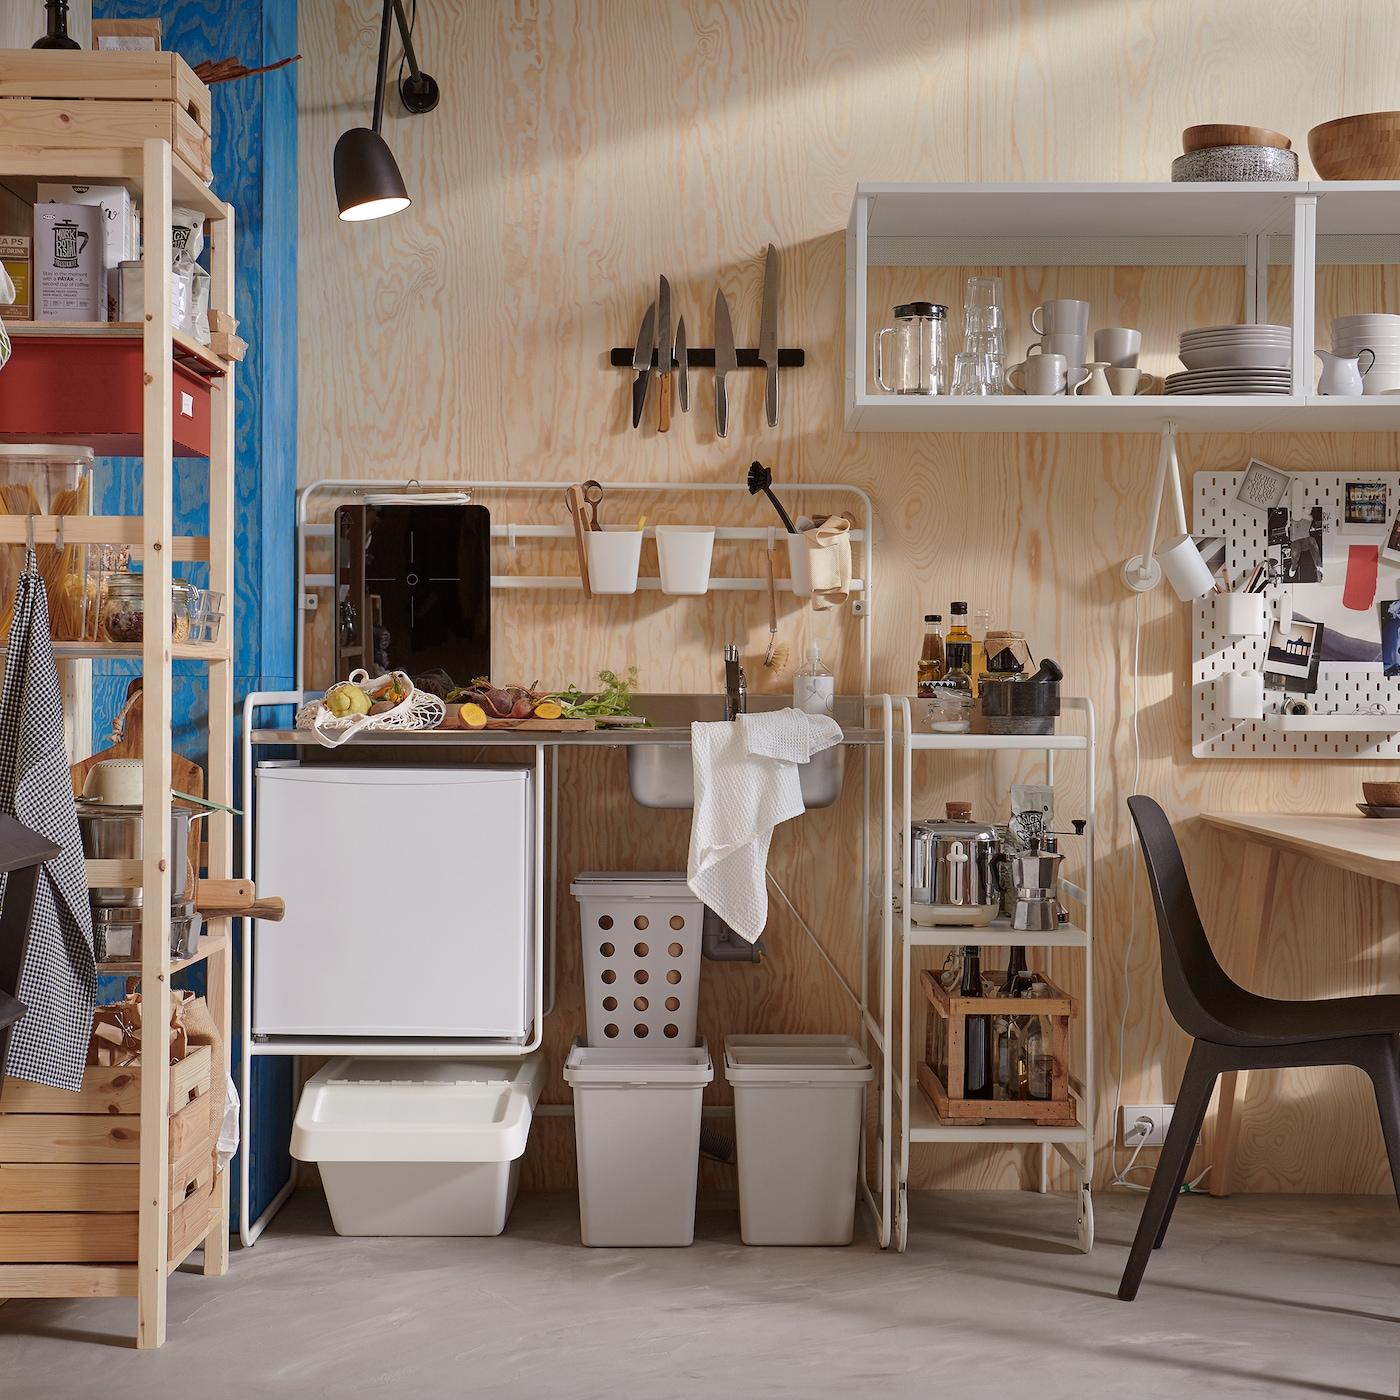 Маленькая и светлая кухня: мини-кухня СУННЕРСТА, серые корзины для сортировки мусора, система хранения из сосны и черные стулья.